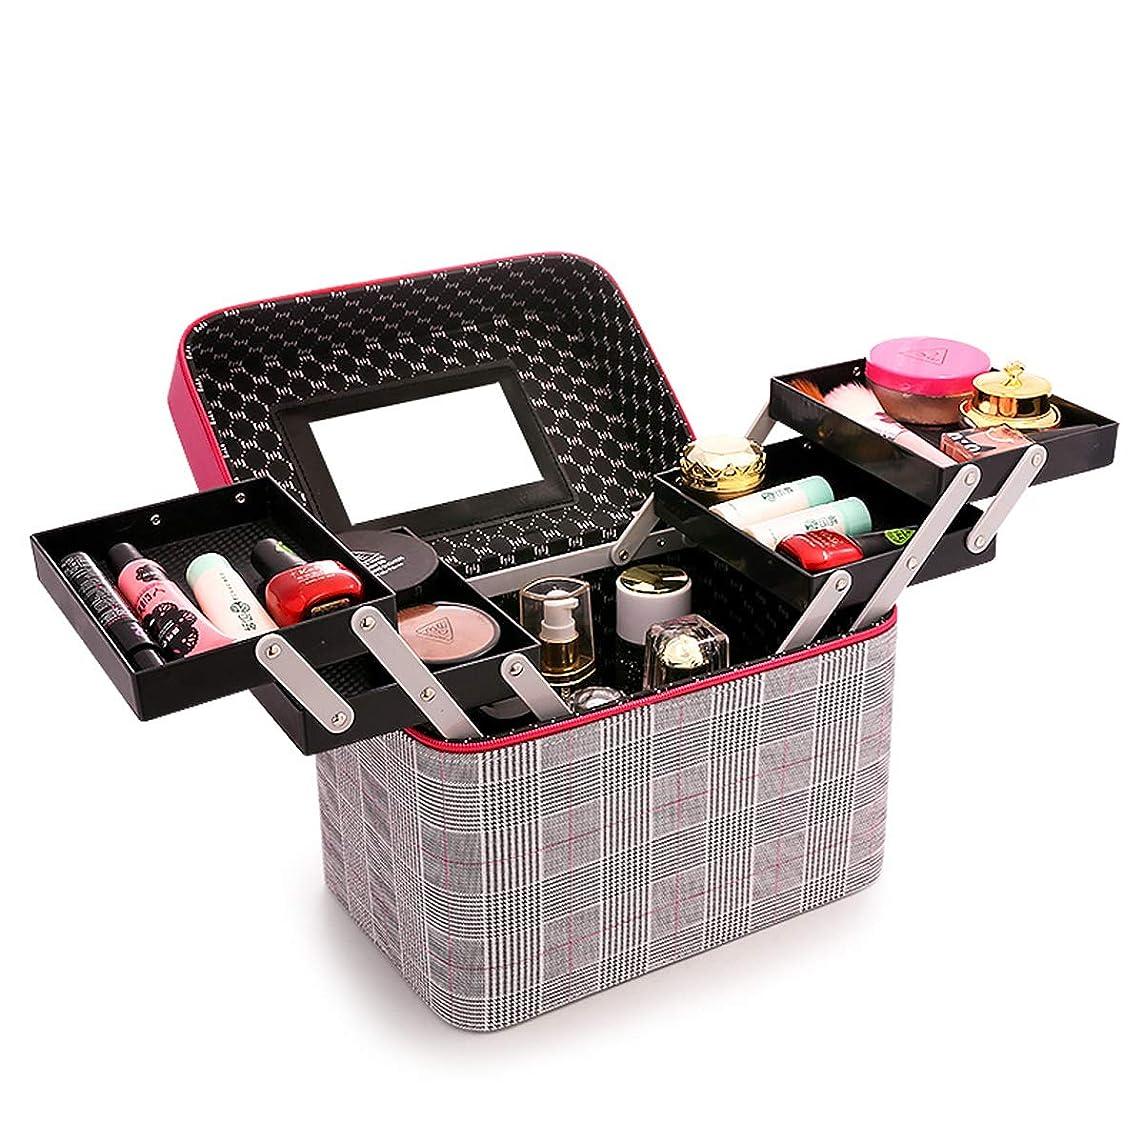 豊かなずっと市区町村化粧品収納ボックス 化粧品ケース メイクボックス メイクボックス コスメボックス 大容量 収納ケース 小物入れ 大容量 取っ手付 (ローズレッド)